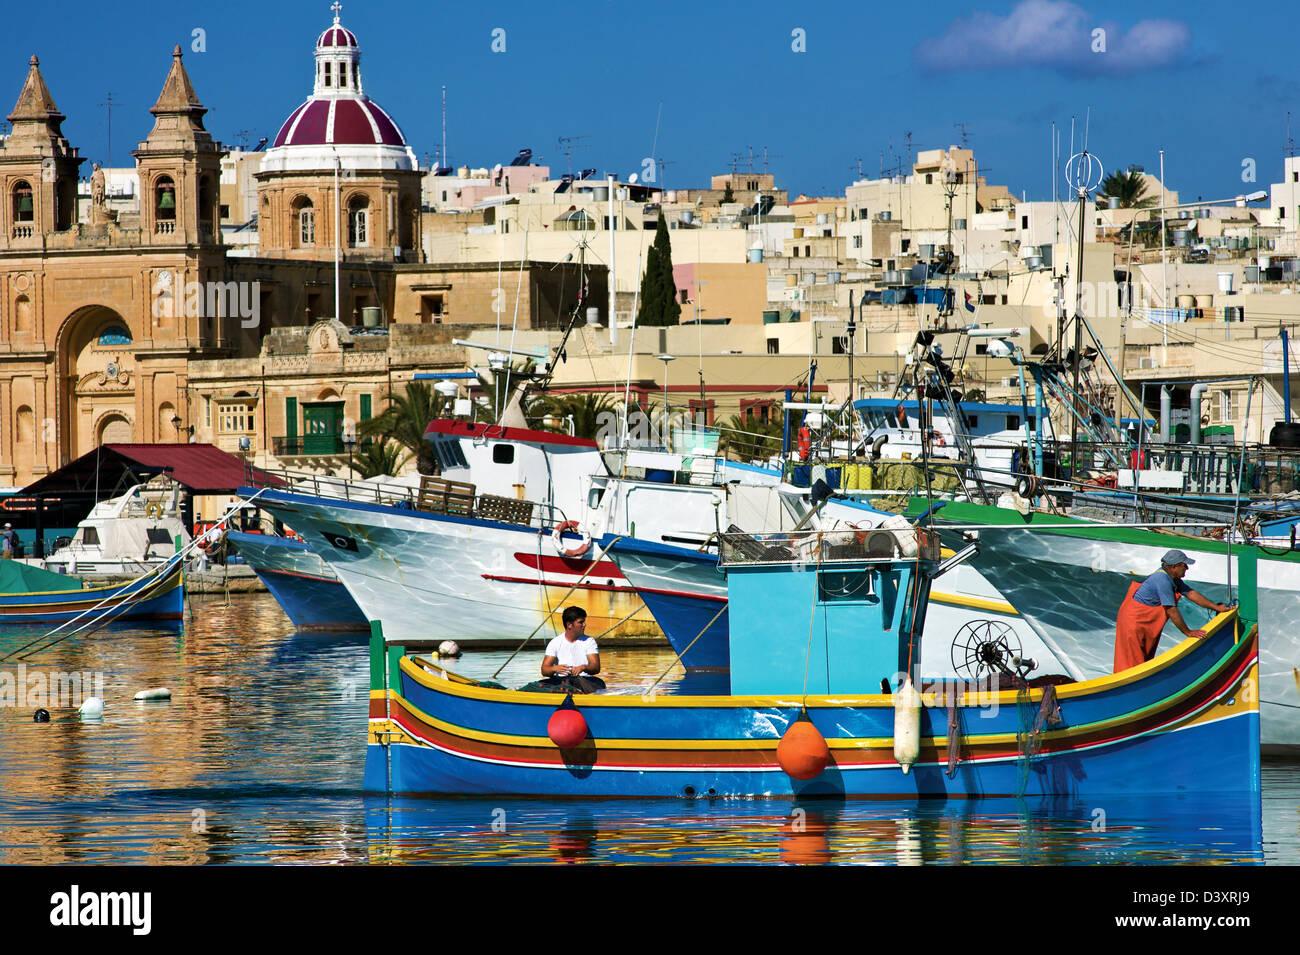 Los pescadores en el tradicional barco pesquero maltés.Marsaxlokk, Malta. Foto de stock